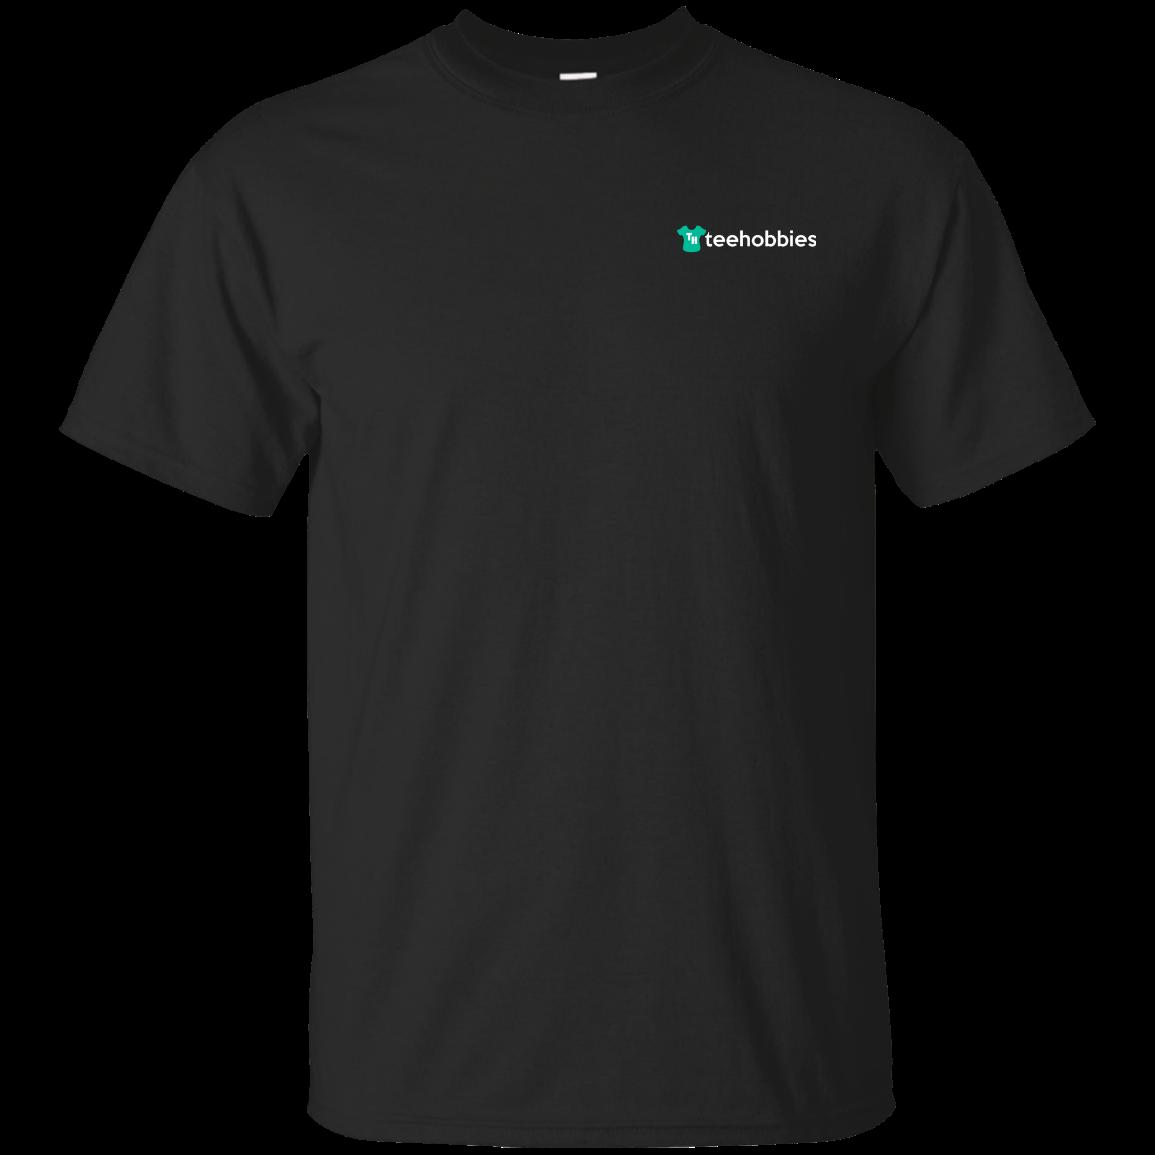 image 622px Teehobbies Logo T Shirt Men & Women Styles